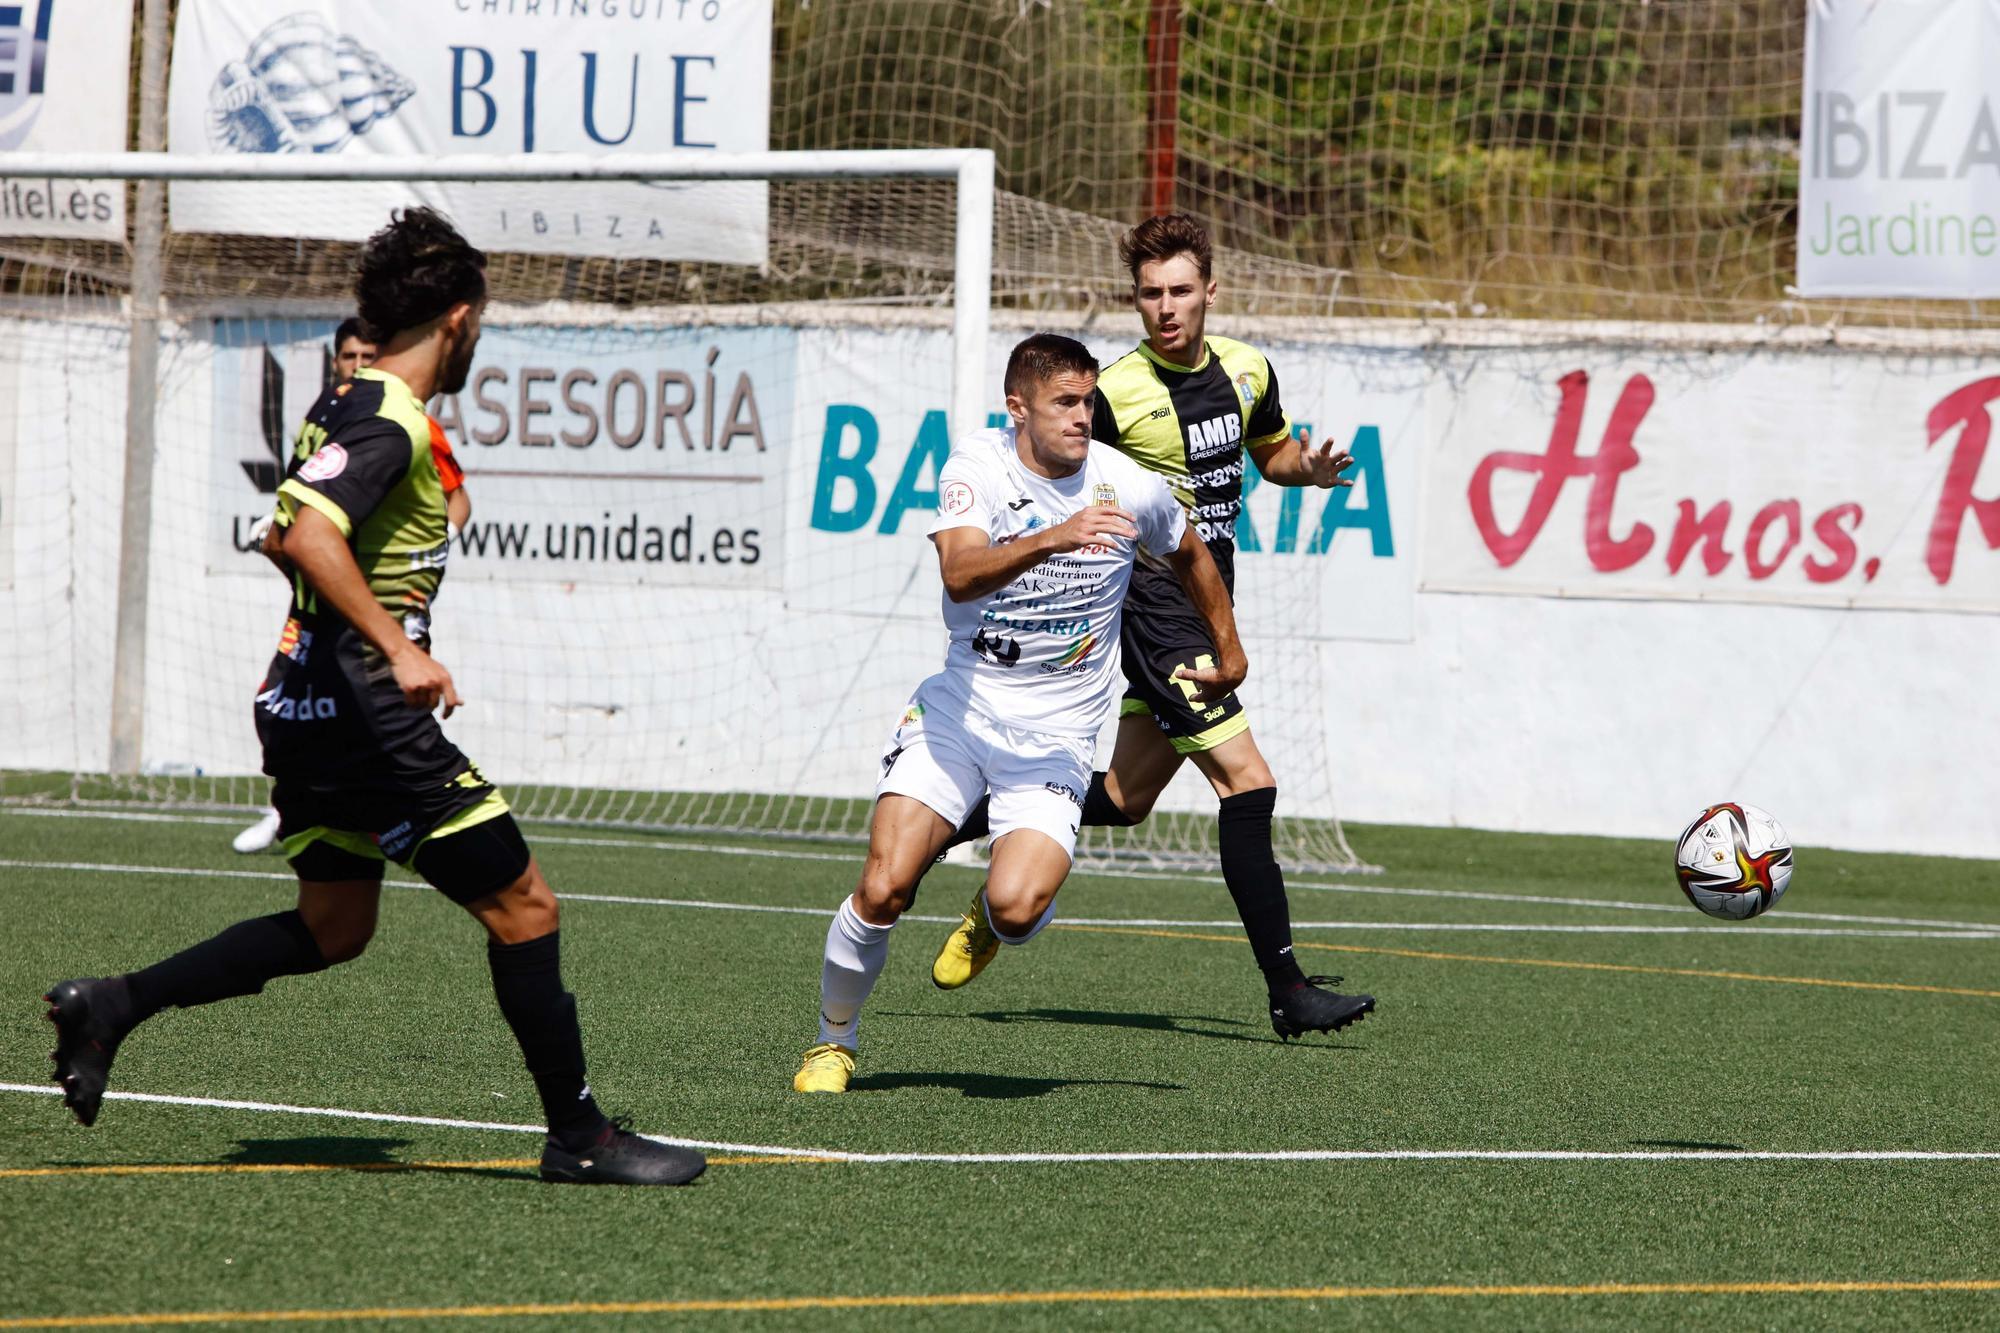 Partido Peña Deportiva-CD Brea